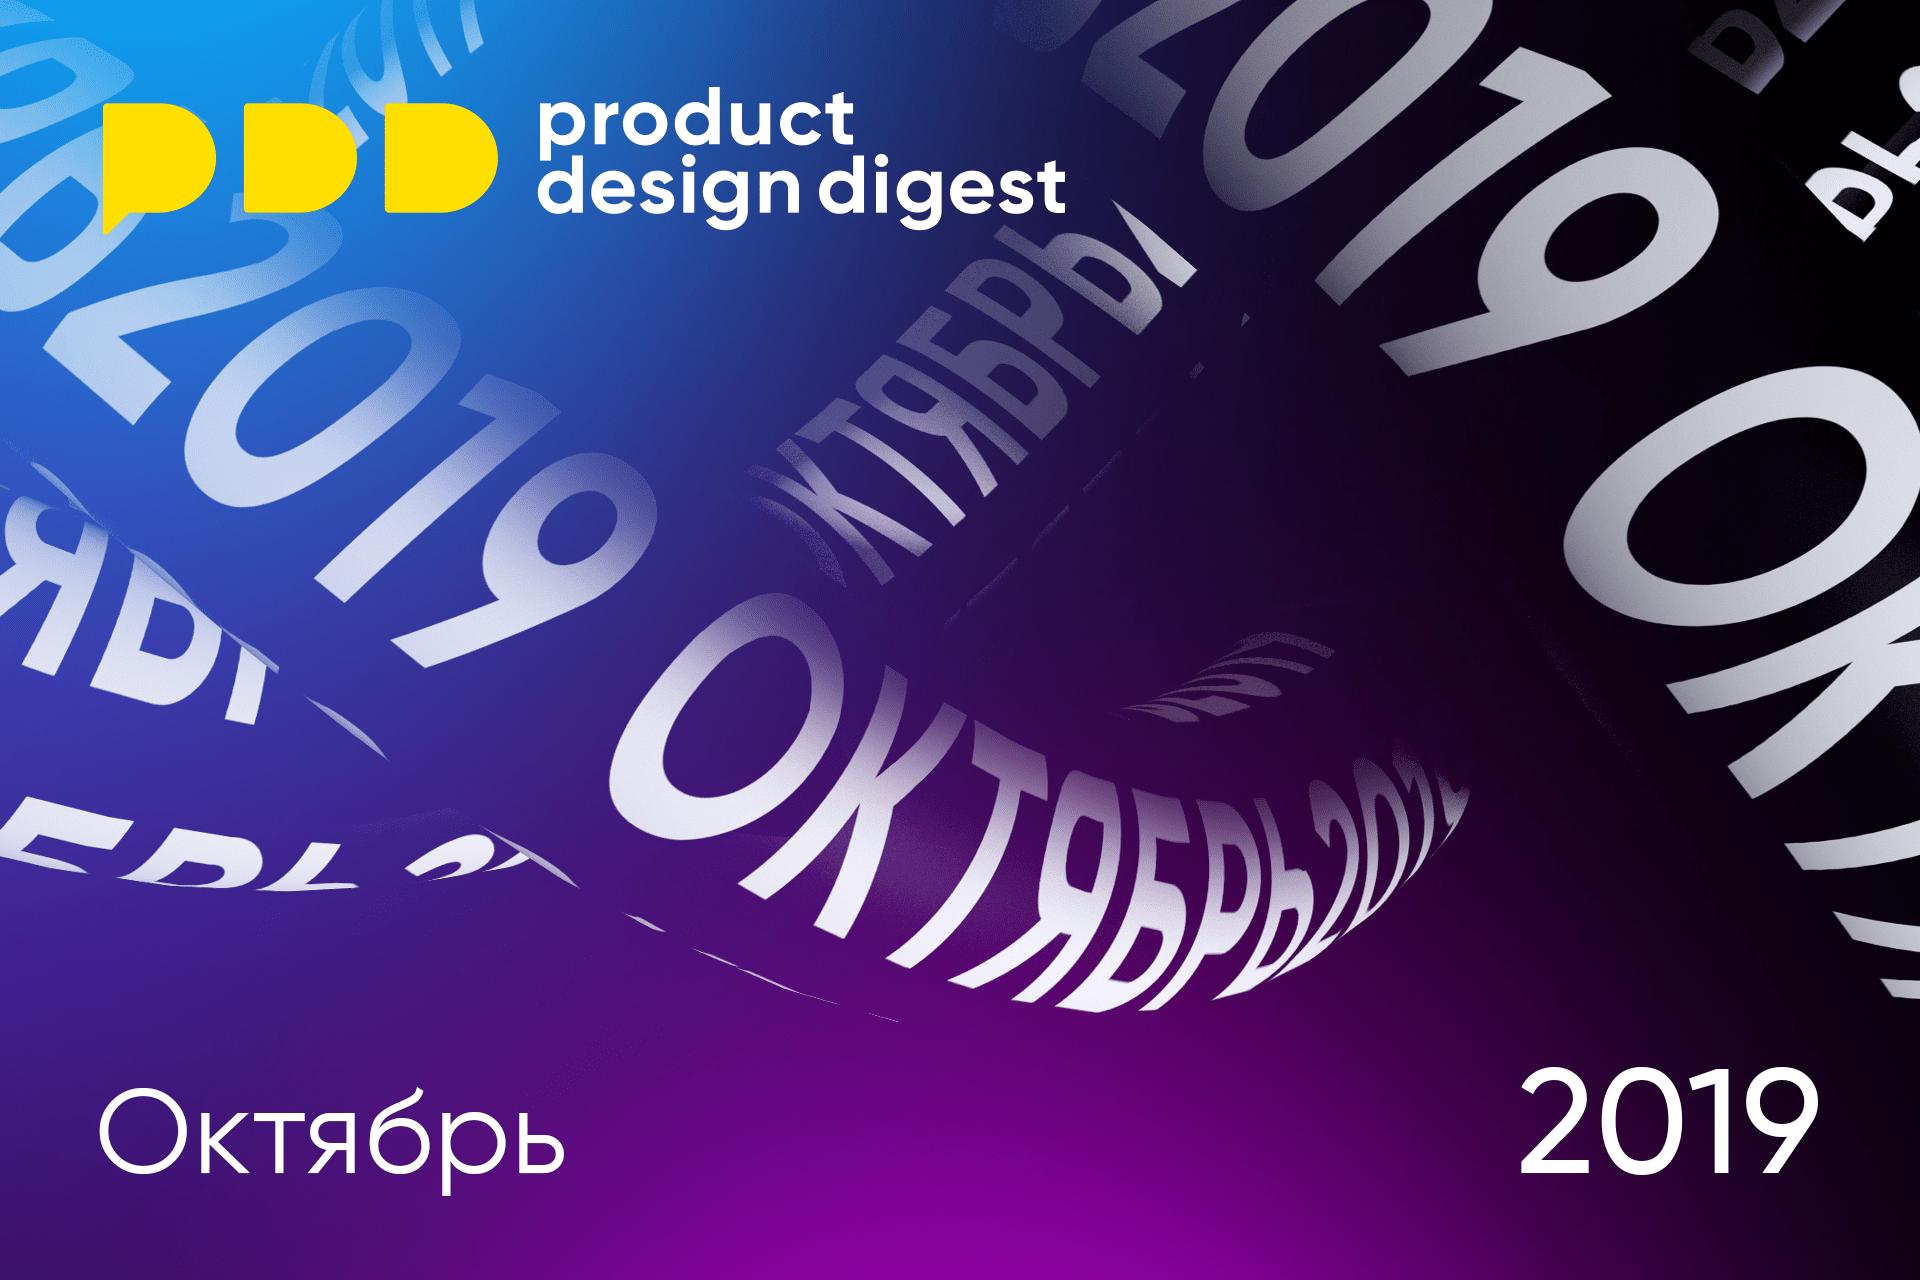 Дайджест продуктового дизайна, октябрь 2019